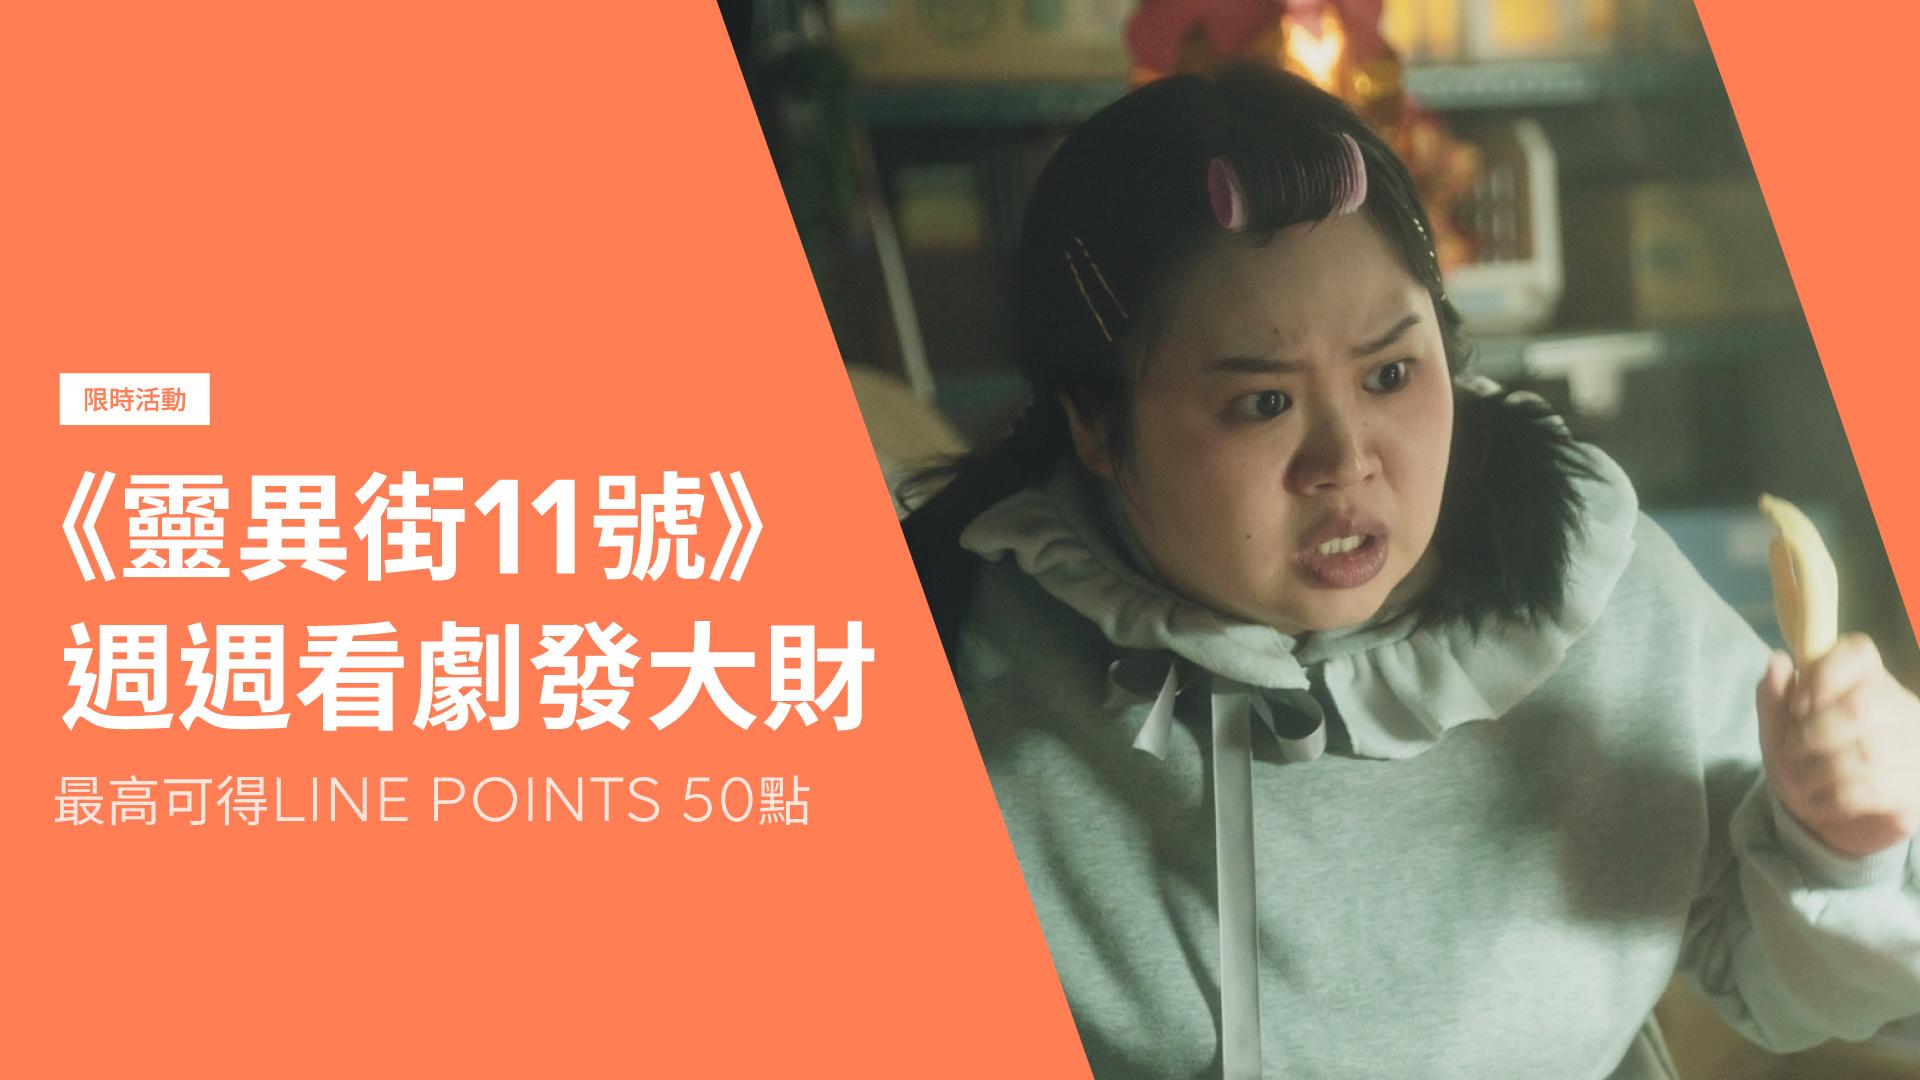 【限時贈點活動】LINE TV VIP觀看《靈異街11號》就送LINE POINTS !